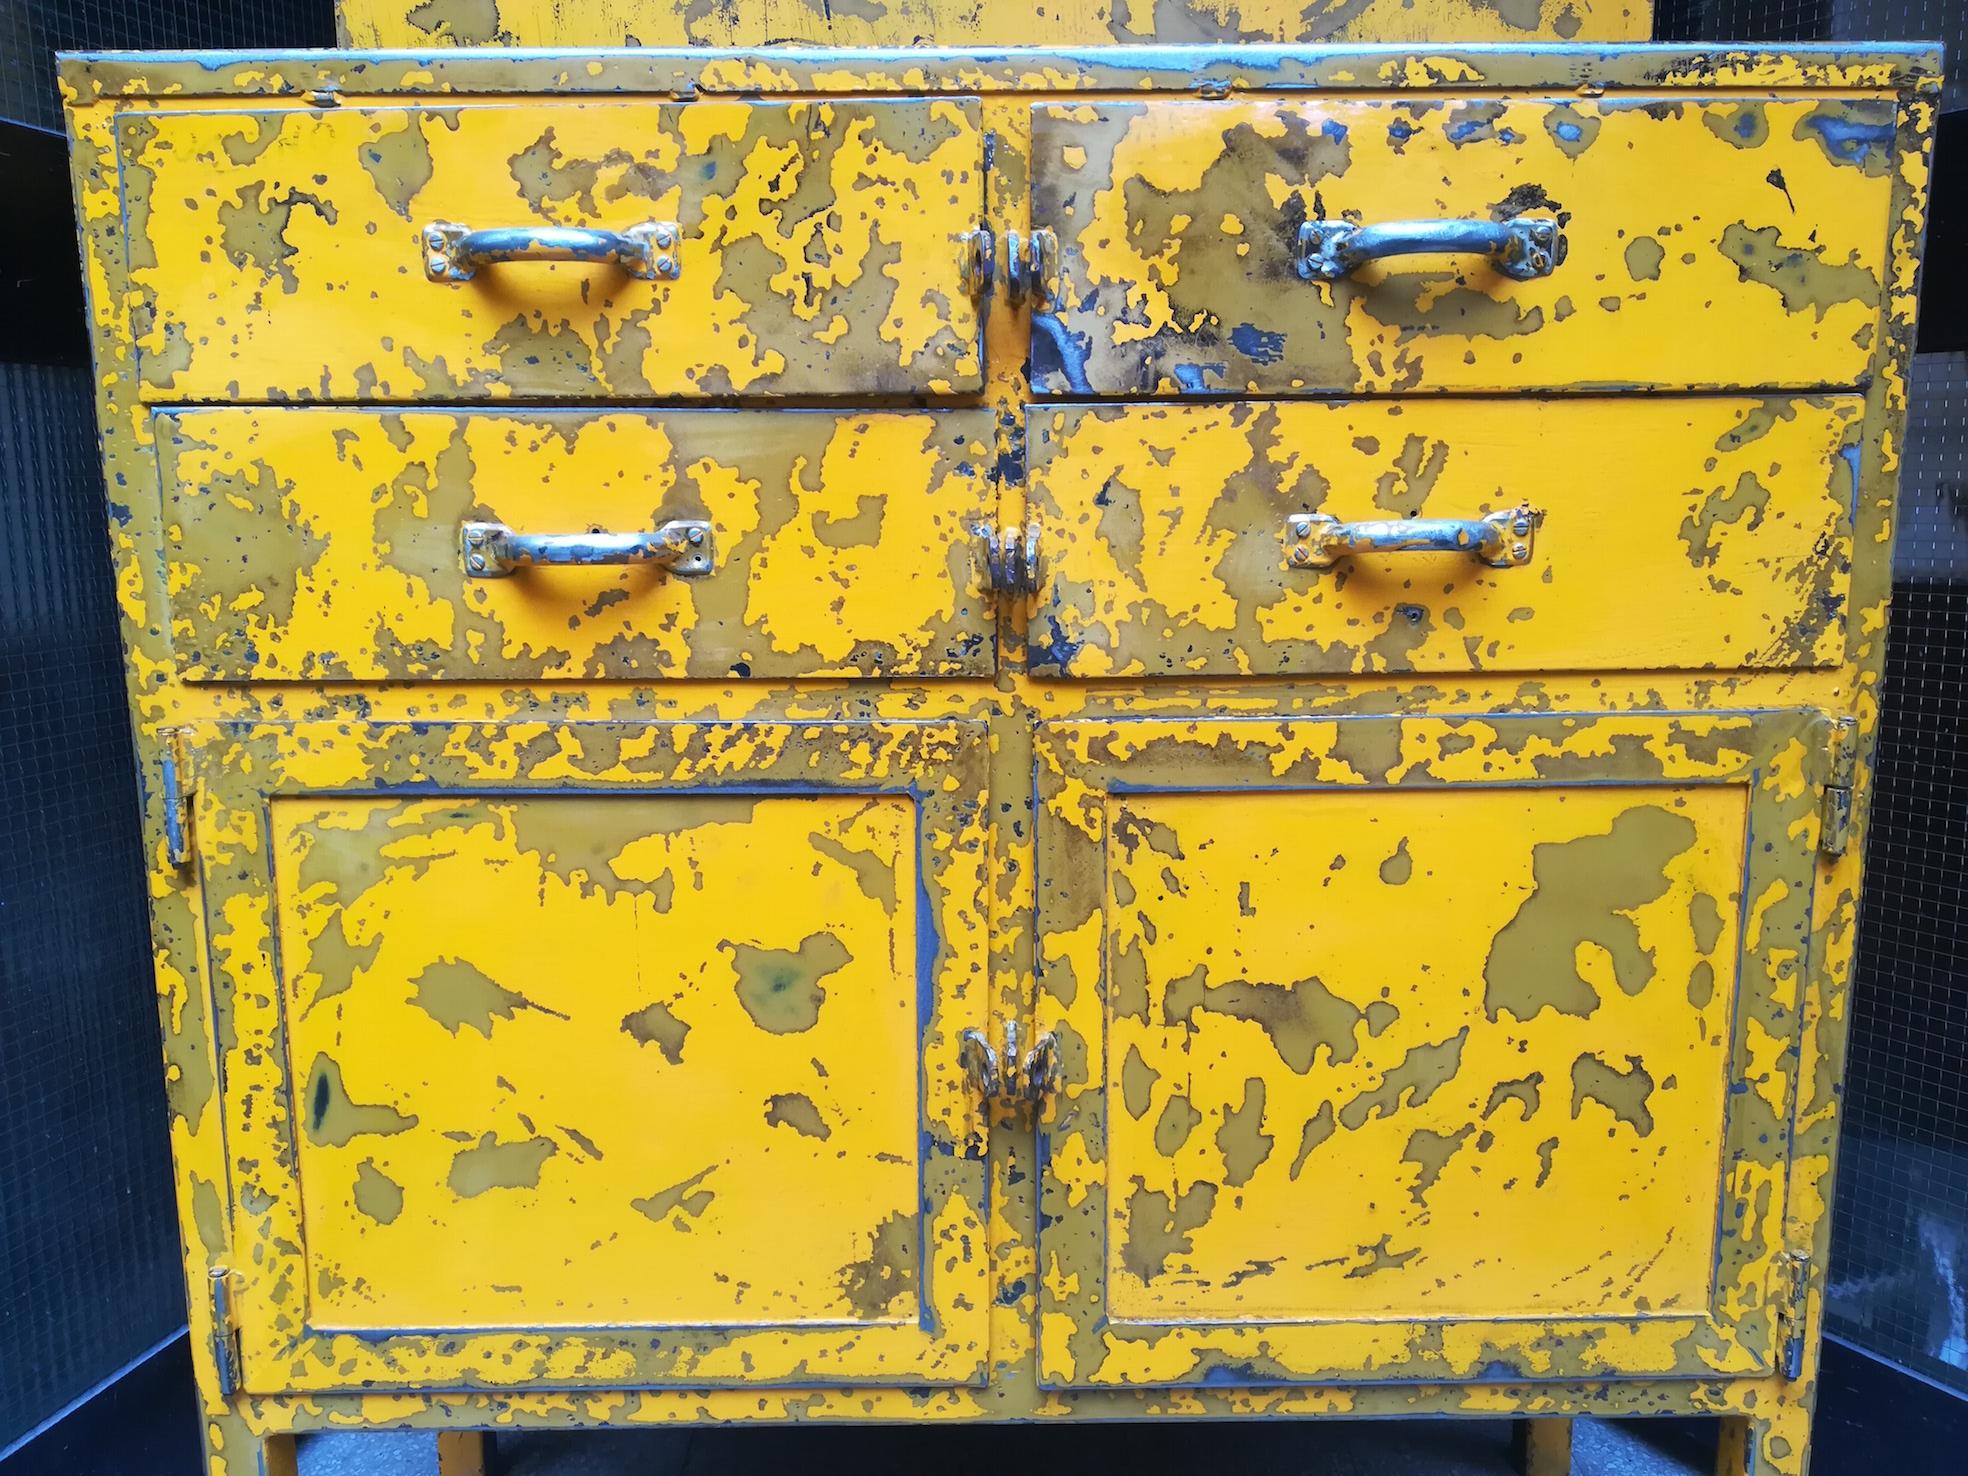 Cassettiera Da Officina Usata.Mobile Da Officina In Patina Neoretro